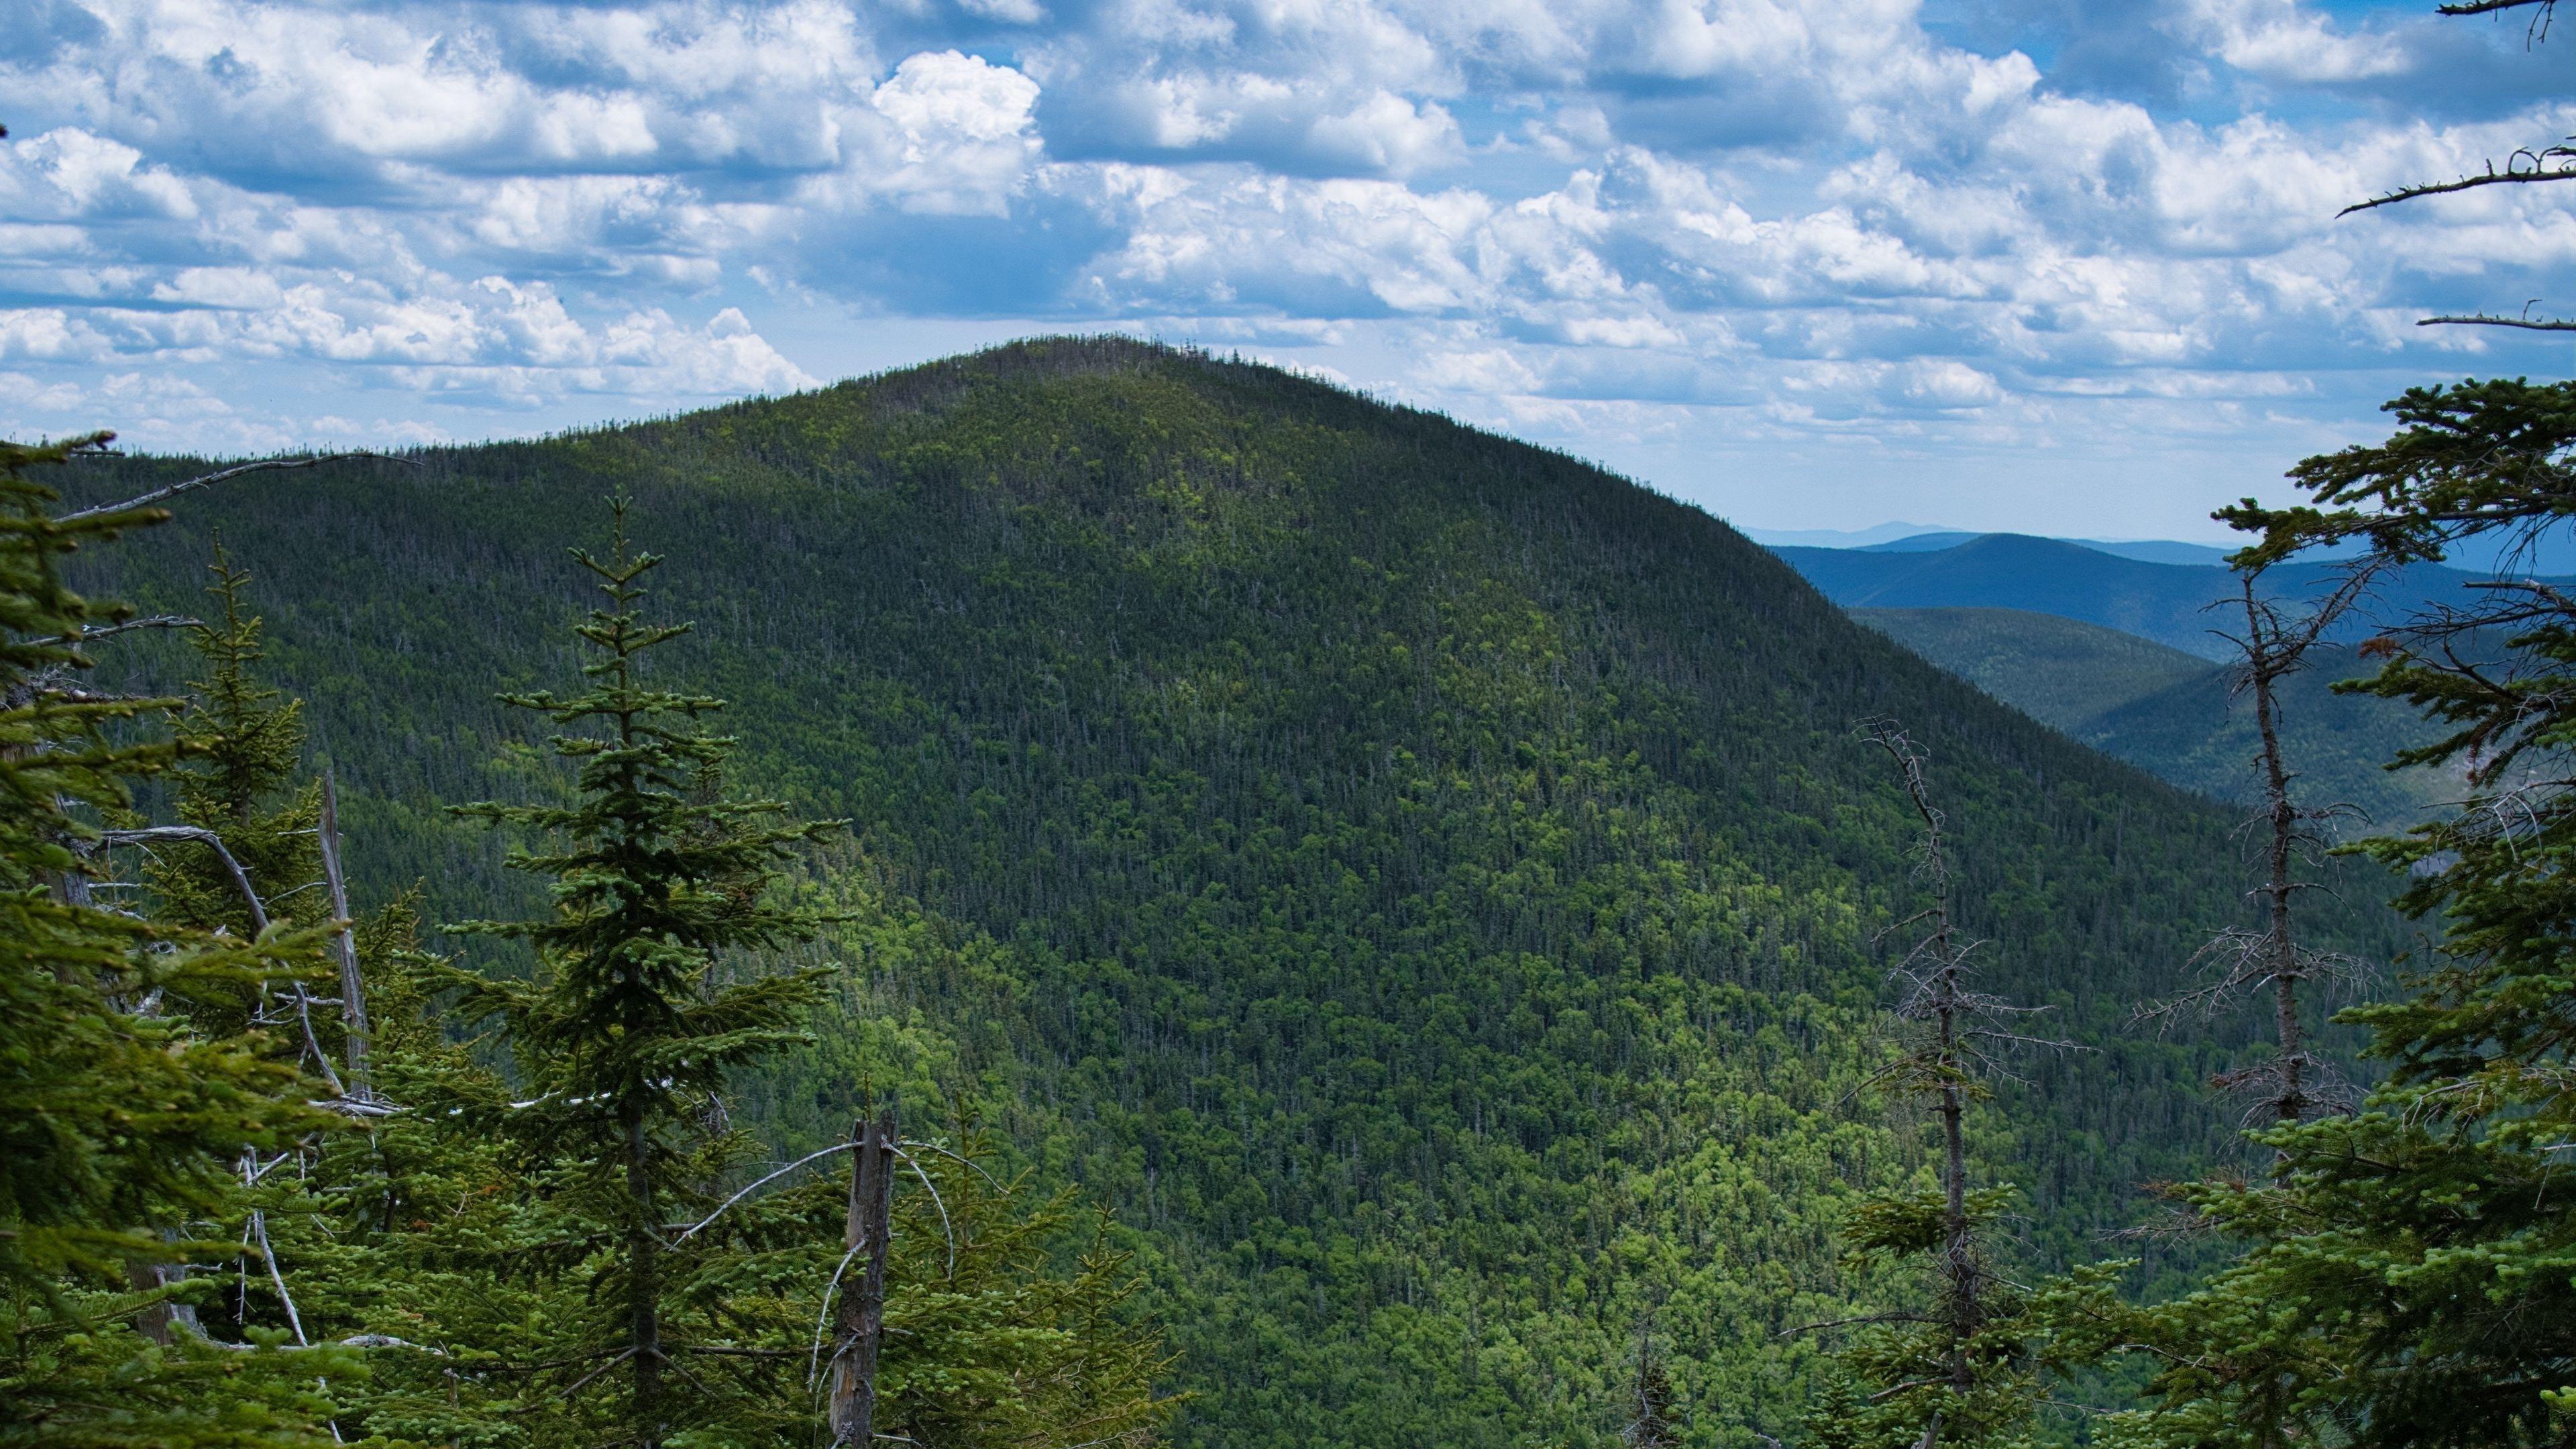 Склон покрыт зелеными деревьями горы лес под белыми облаками голубое небо природа обои скачать